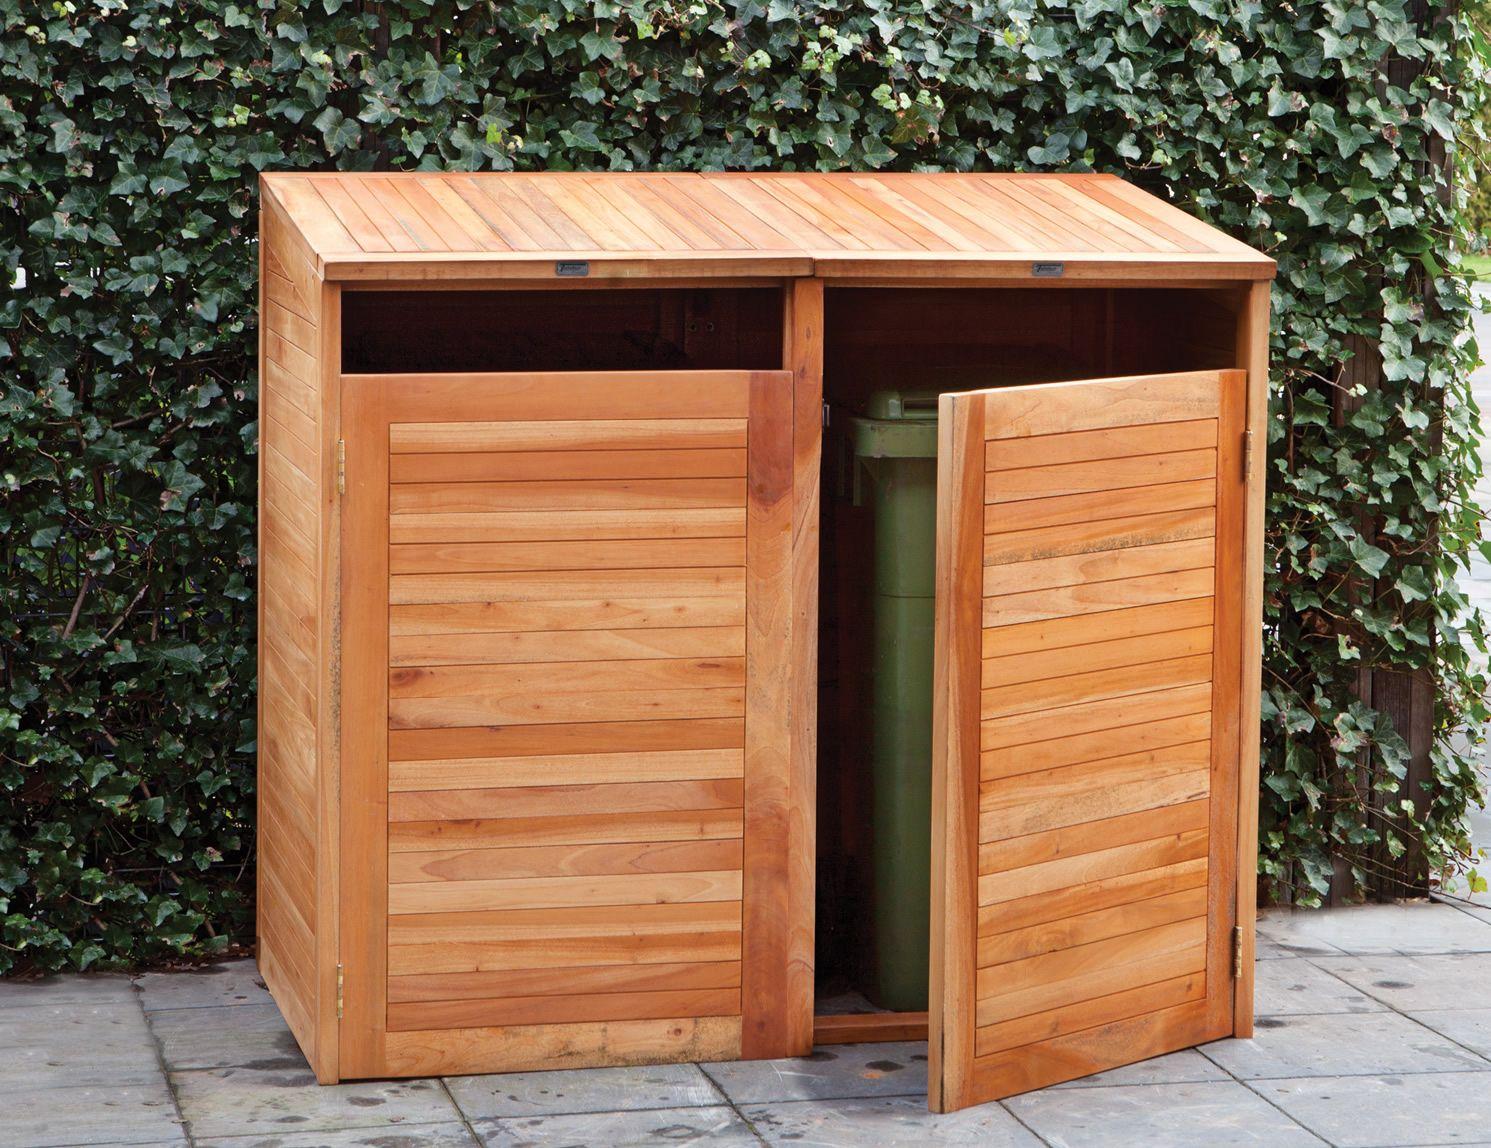 Hardwood Double Wheelie Bin Garden Sheds